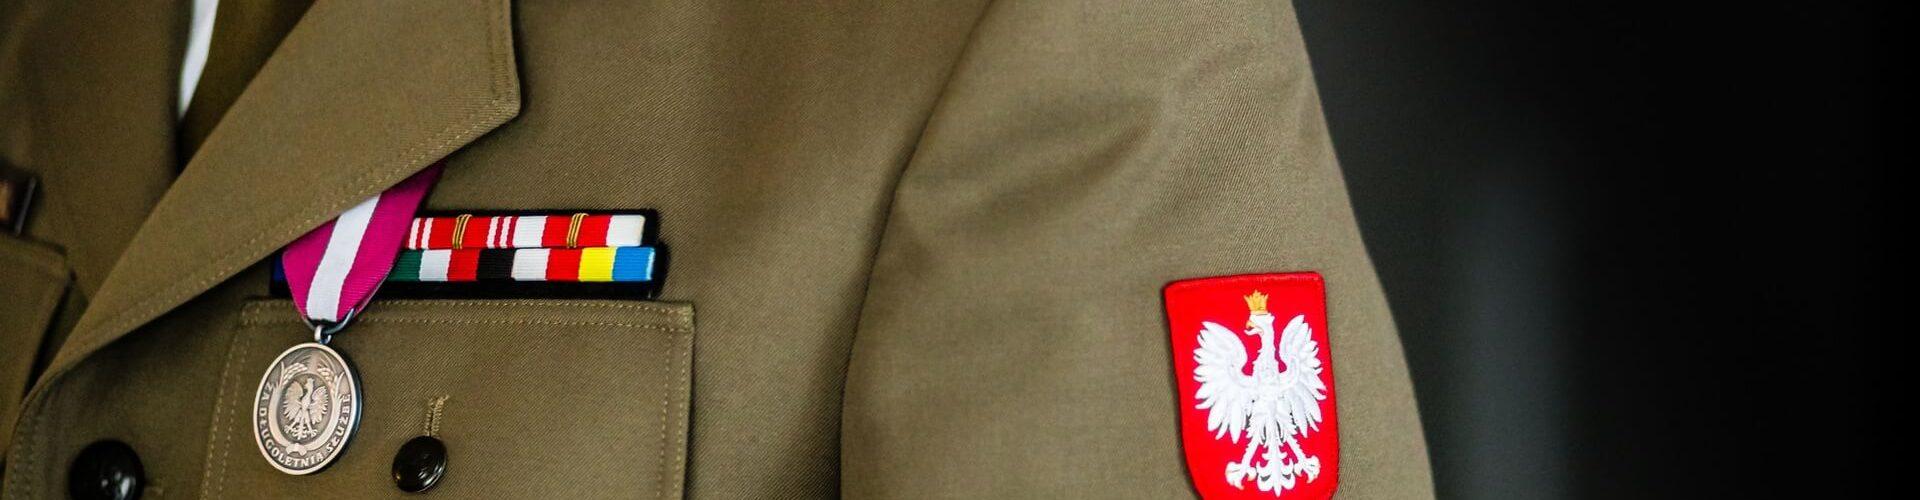 wehrdienst zivildienst uniform militr - Lebenslauf Zivildienst